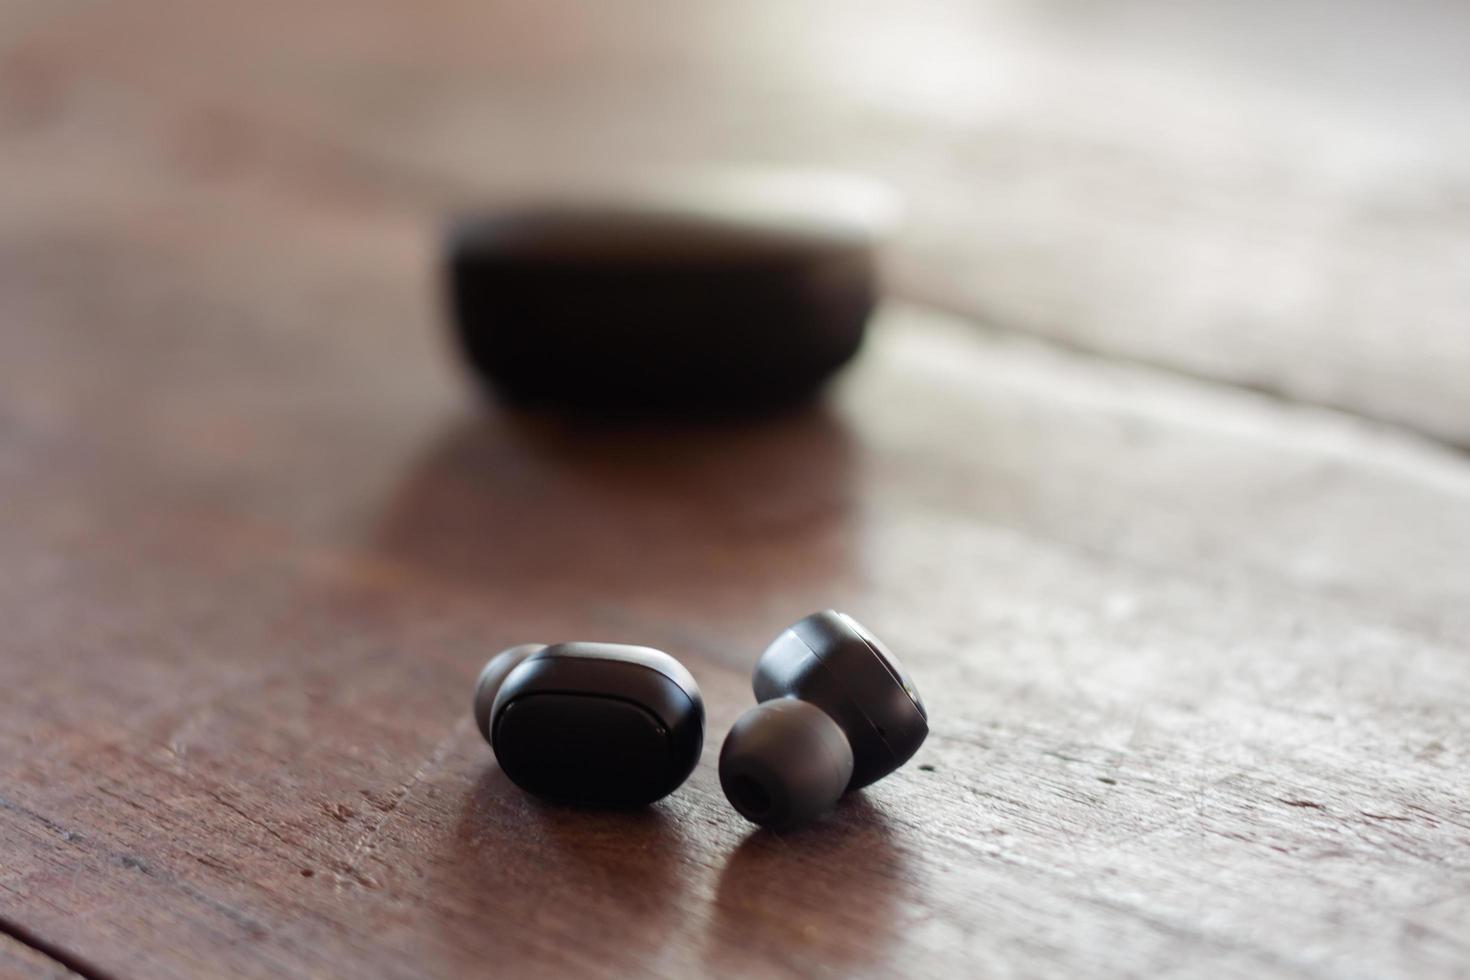 petits écouteurs sans fil photo